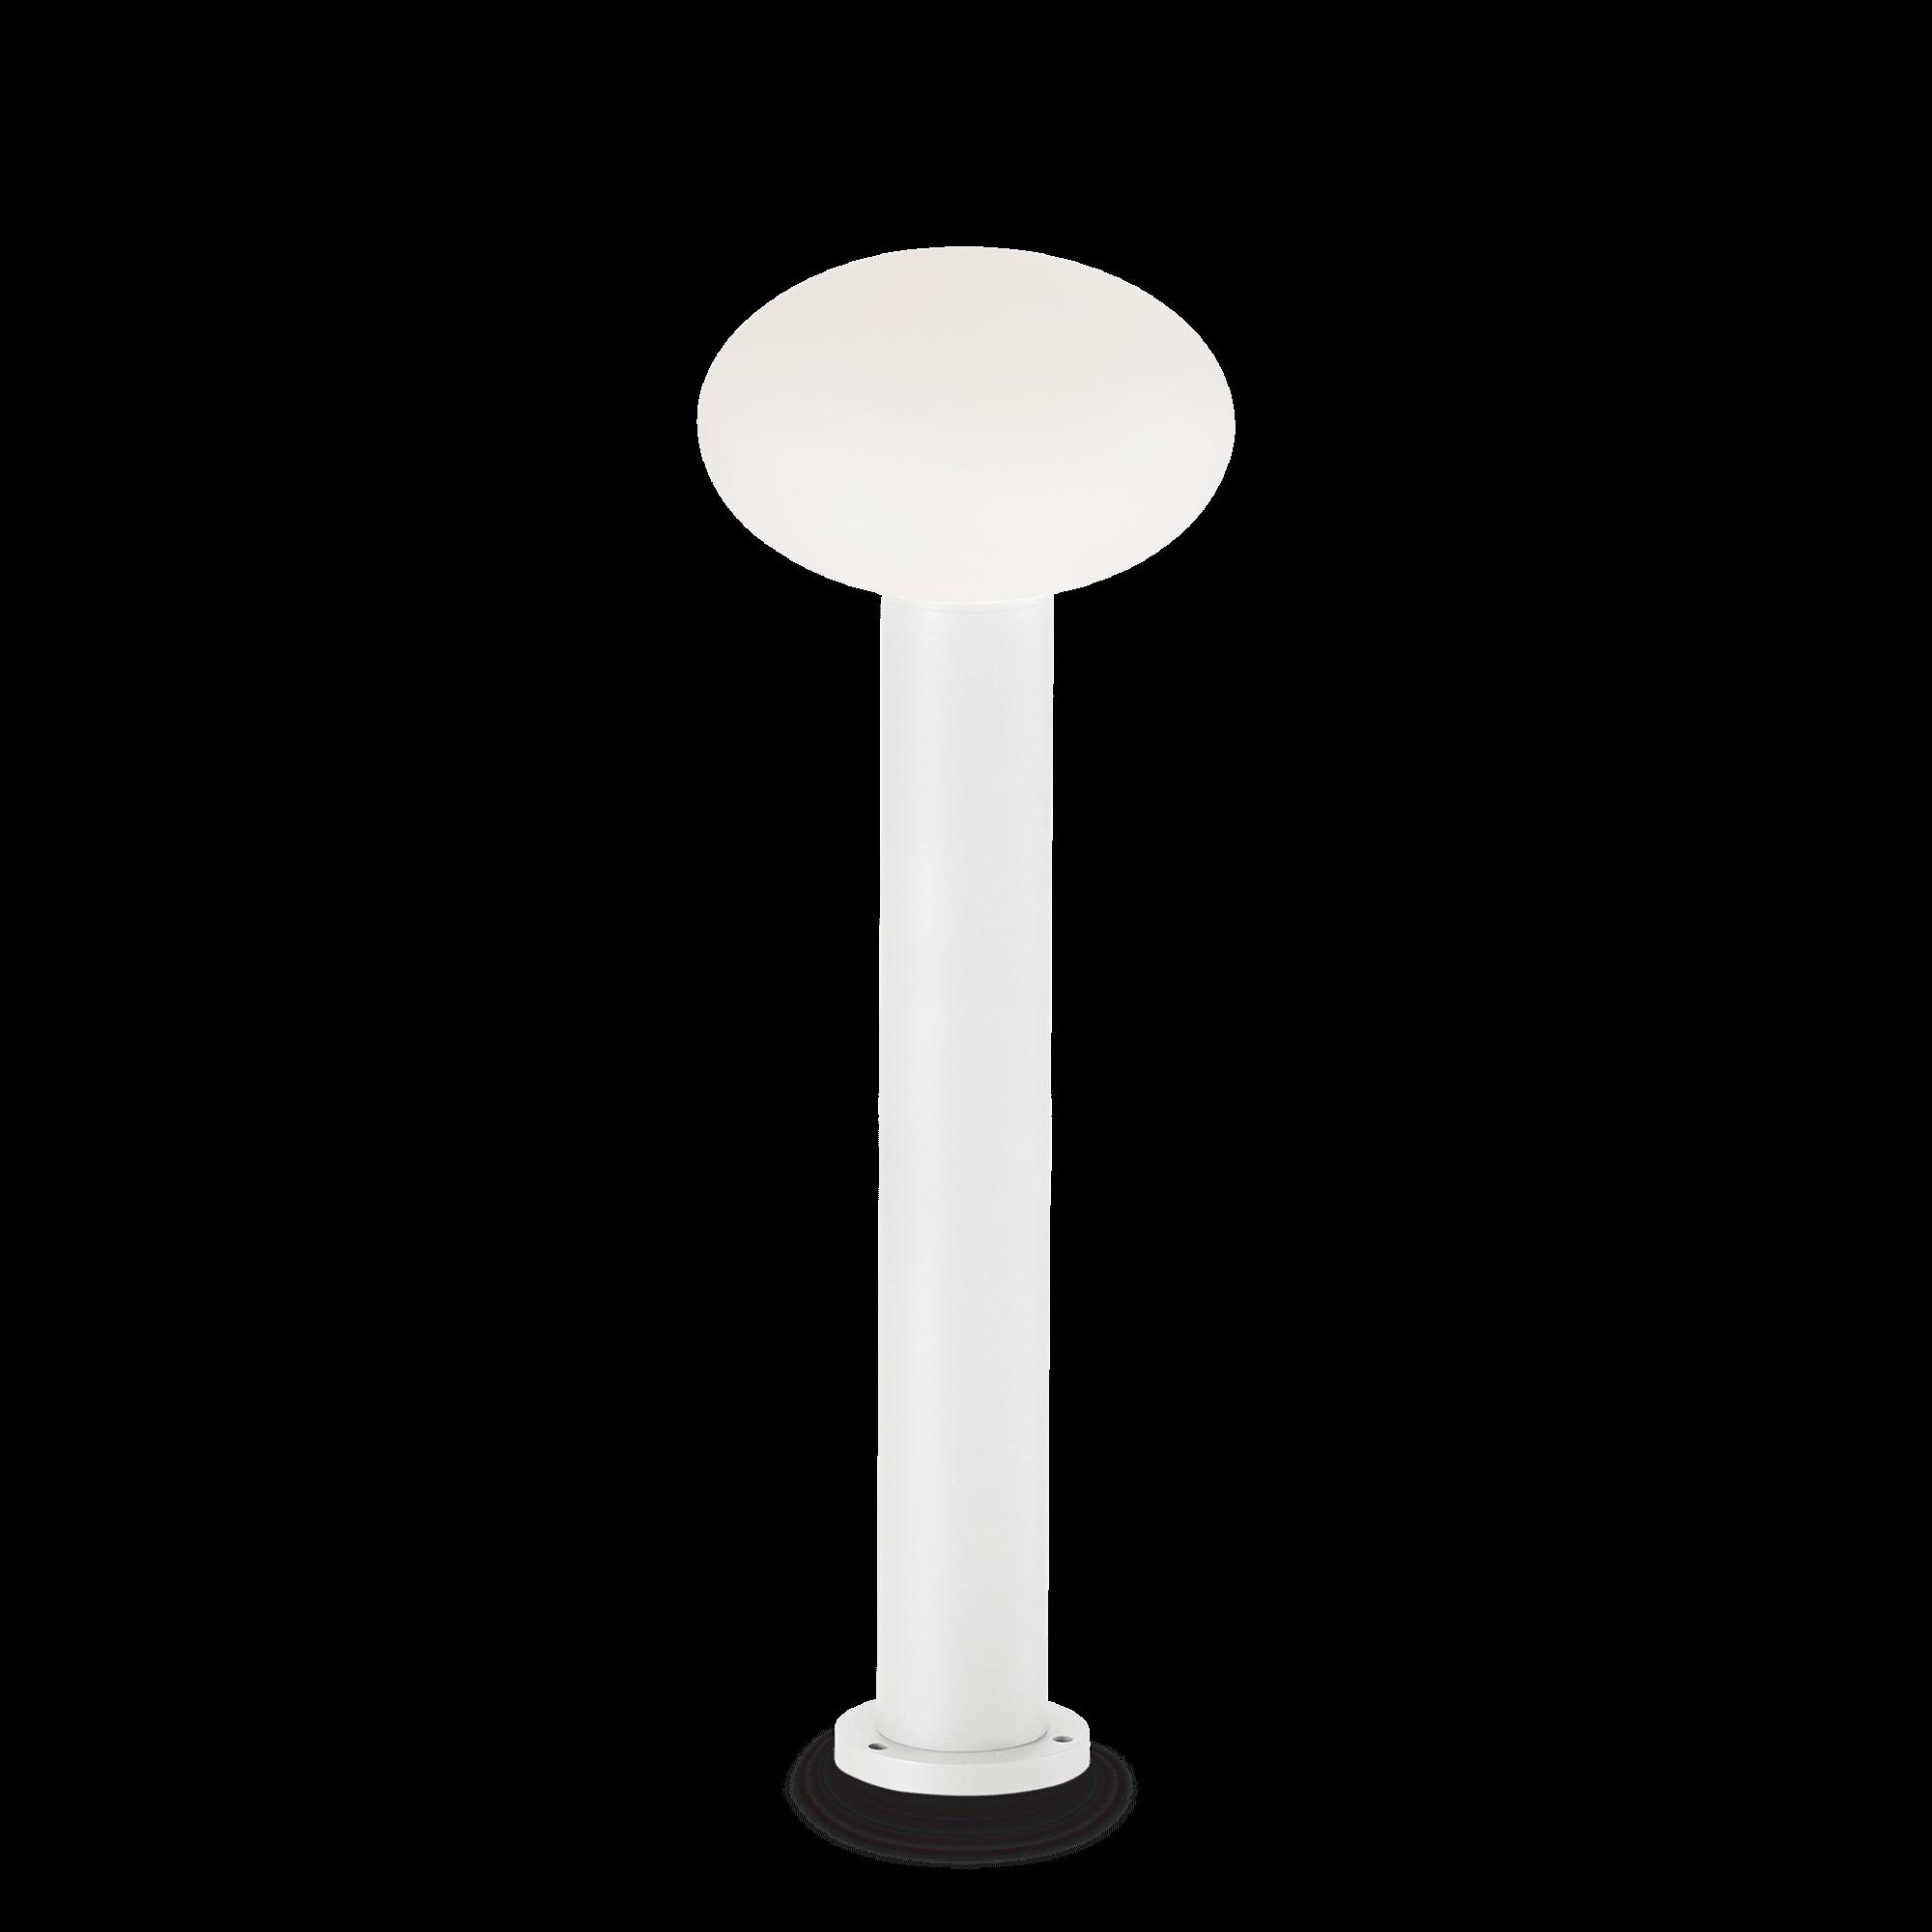 Ideal Lux 136141 ARMONY PT1 BIANCO kültéri állólámpa